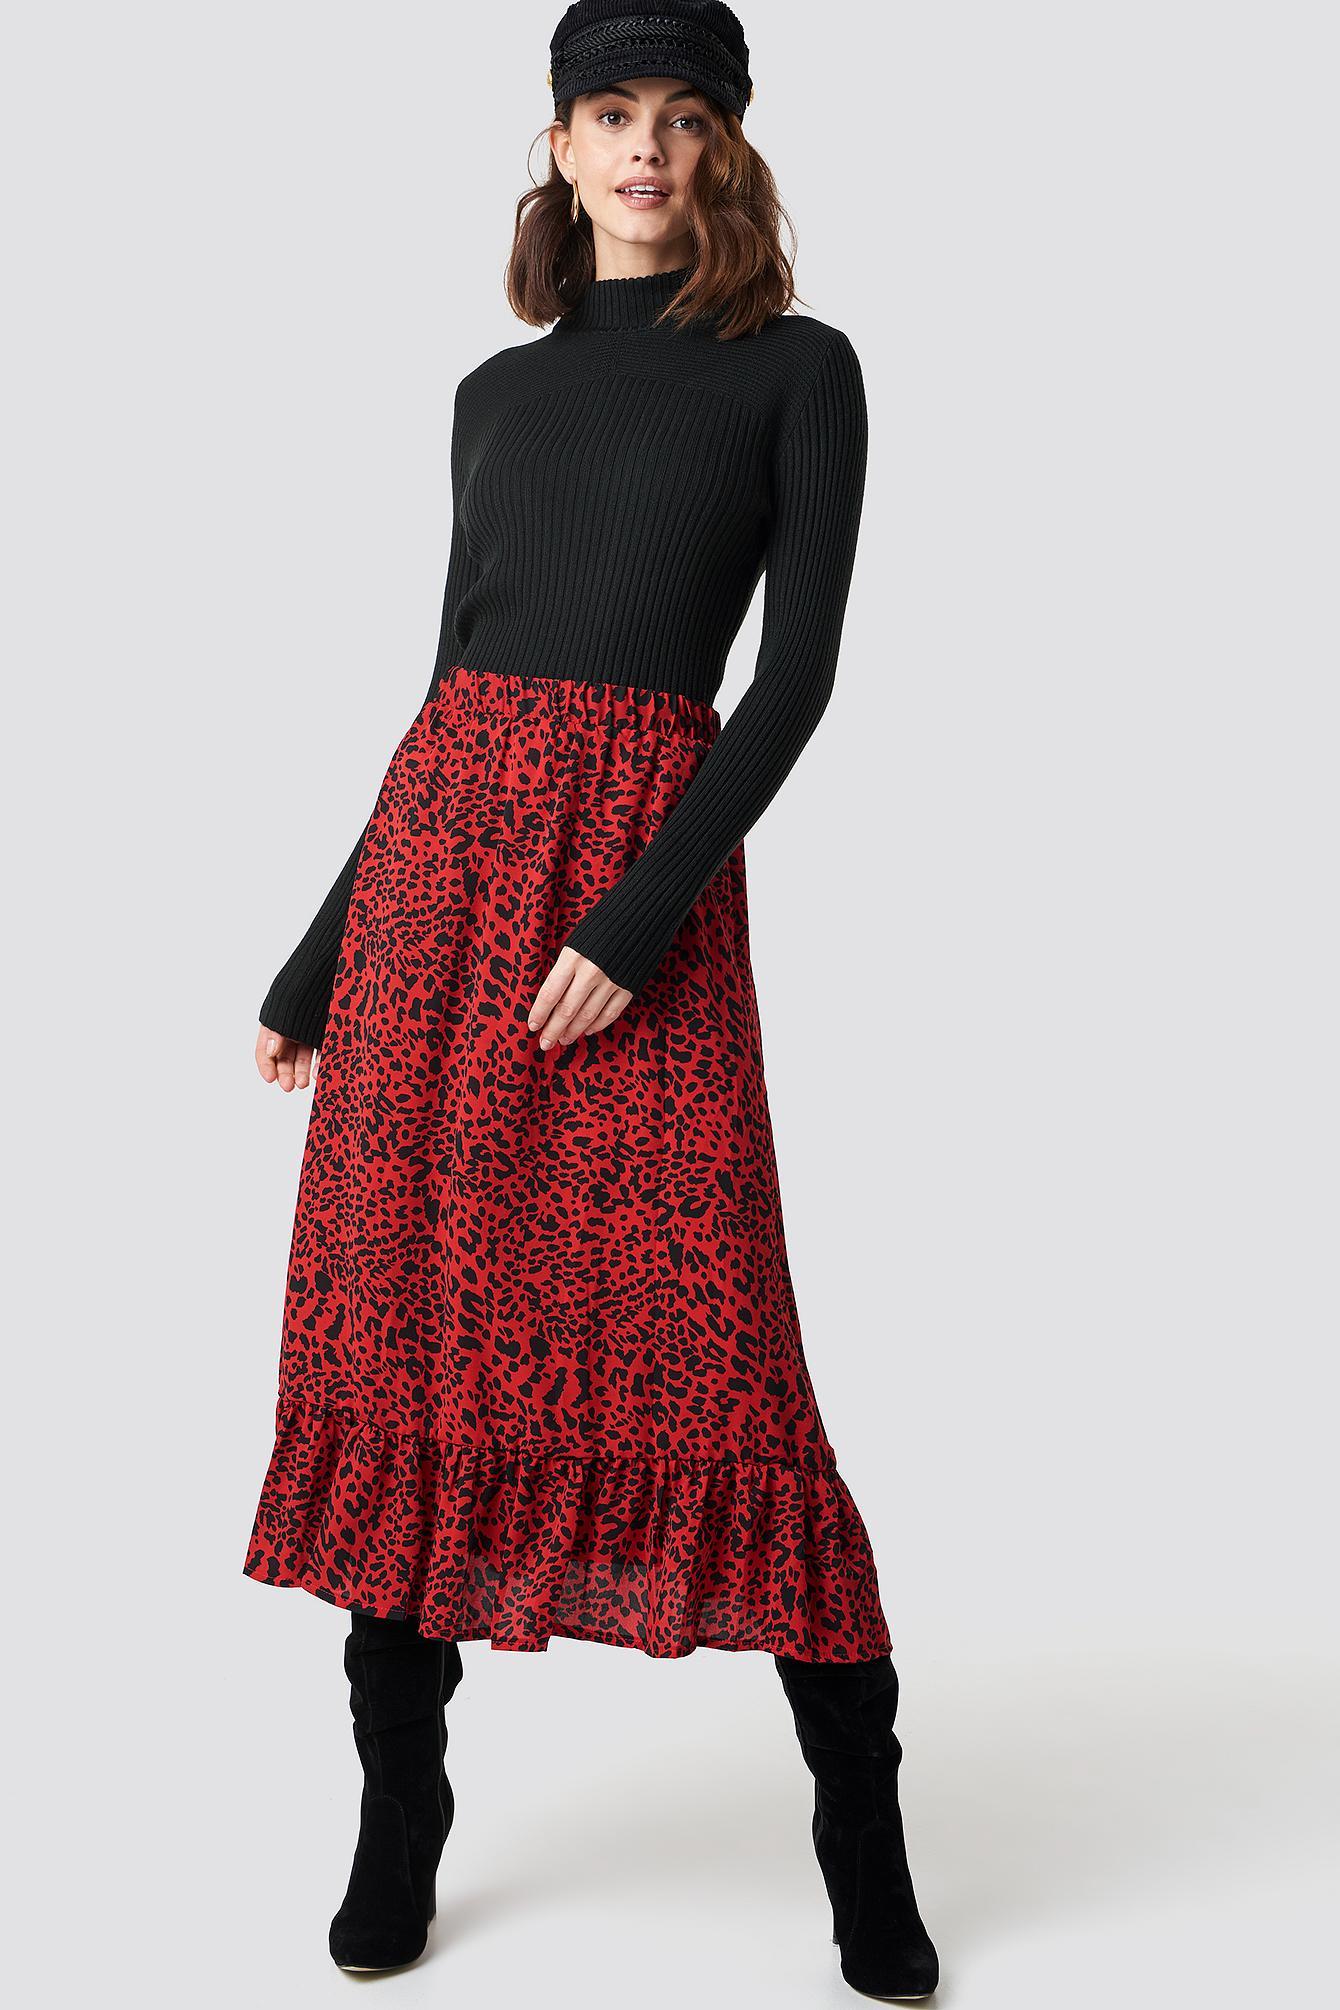 Leni Turtleneck Sweater Synthétique Sisters Point en coloris Noir